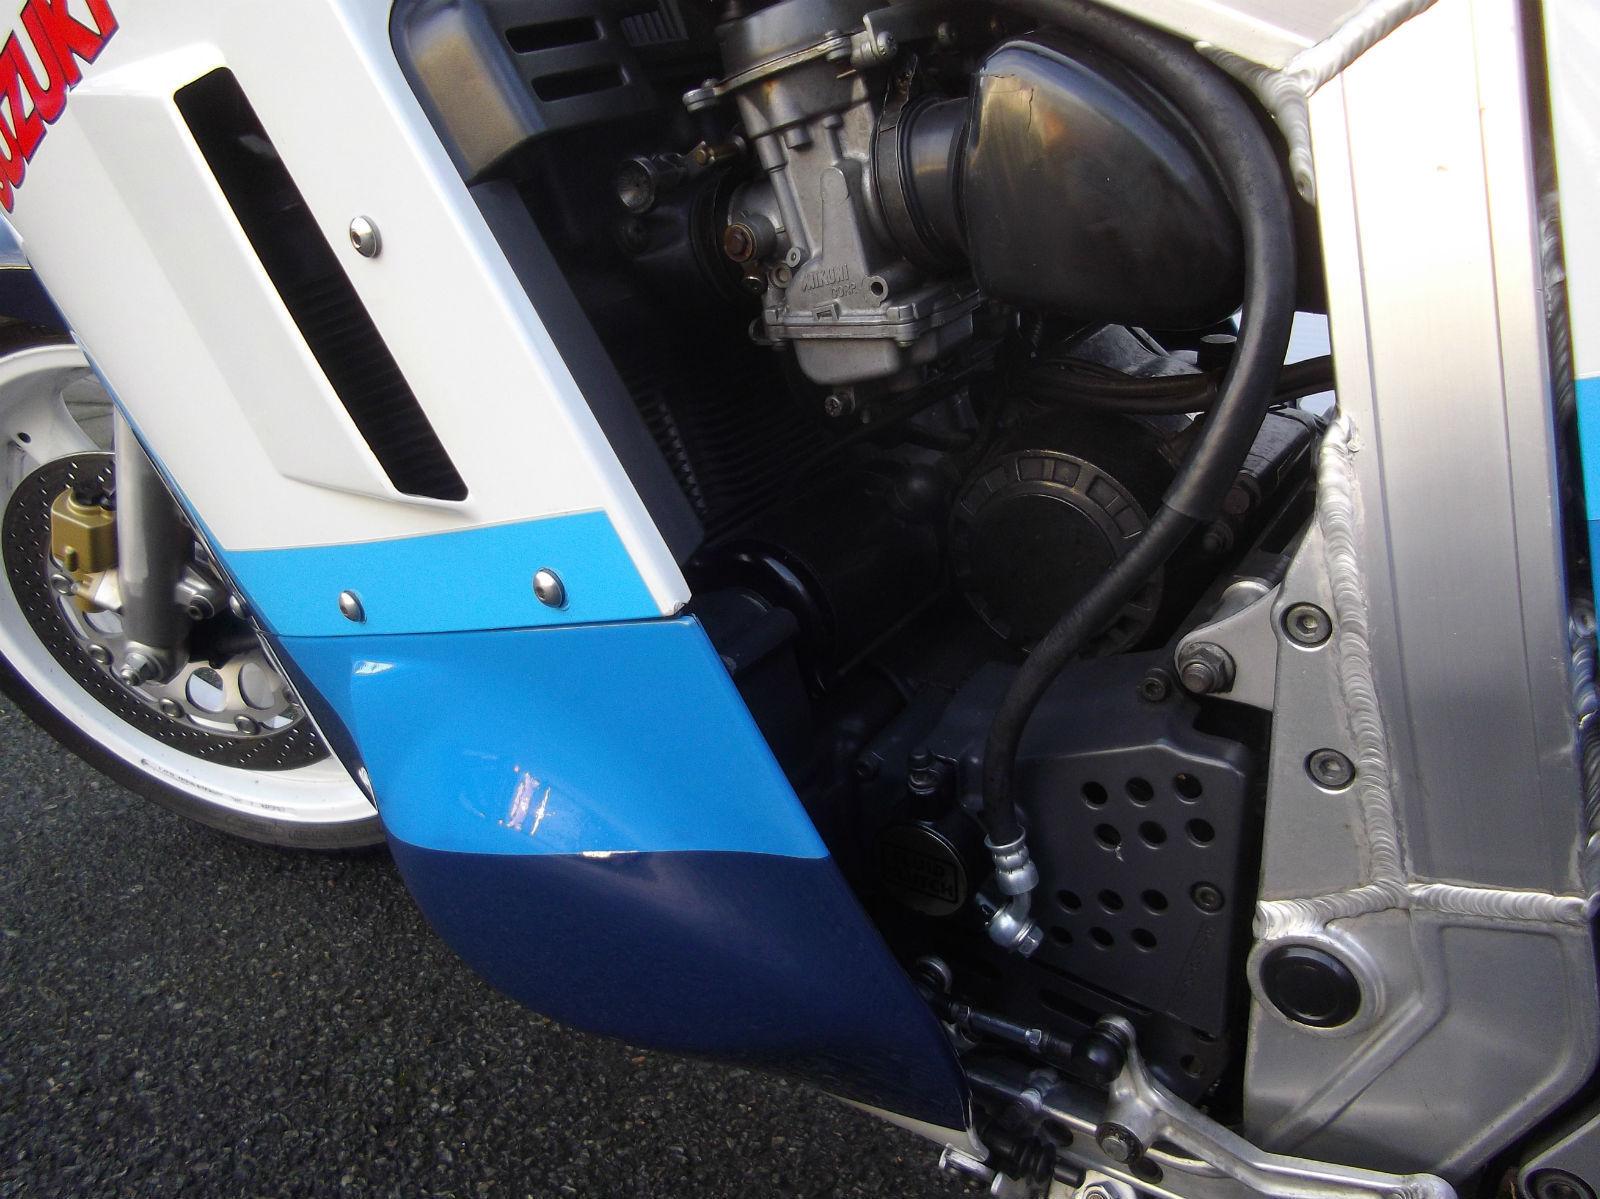 1986 Suzuki GSXR 1100 Excellent Condition Full Lazer Exhaust